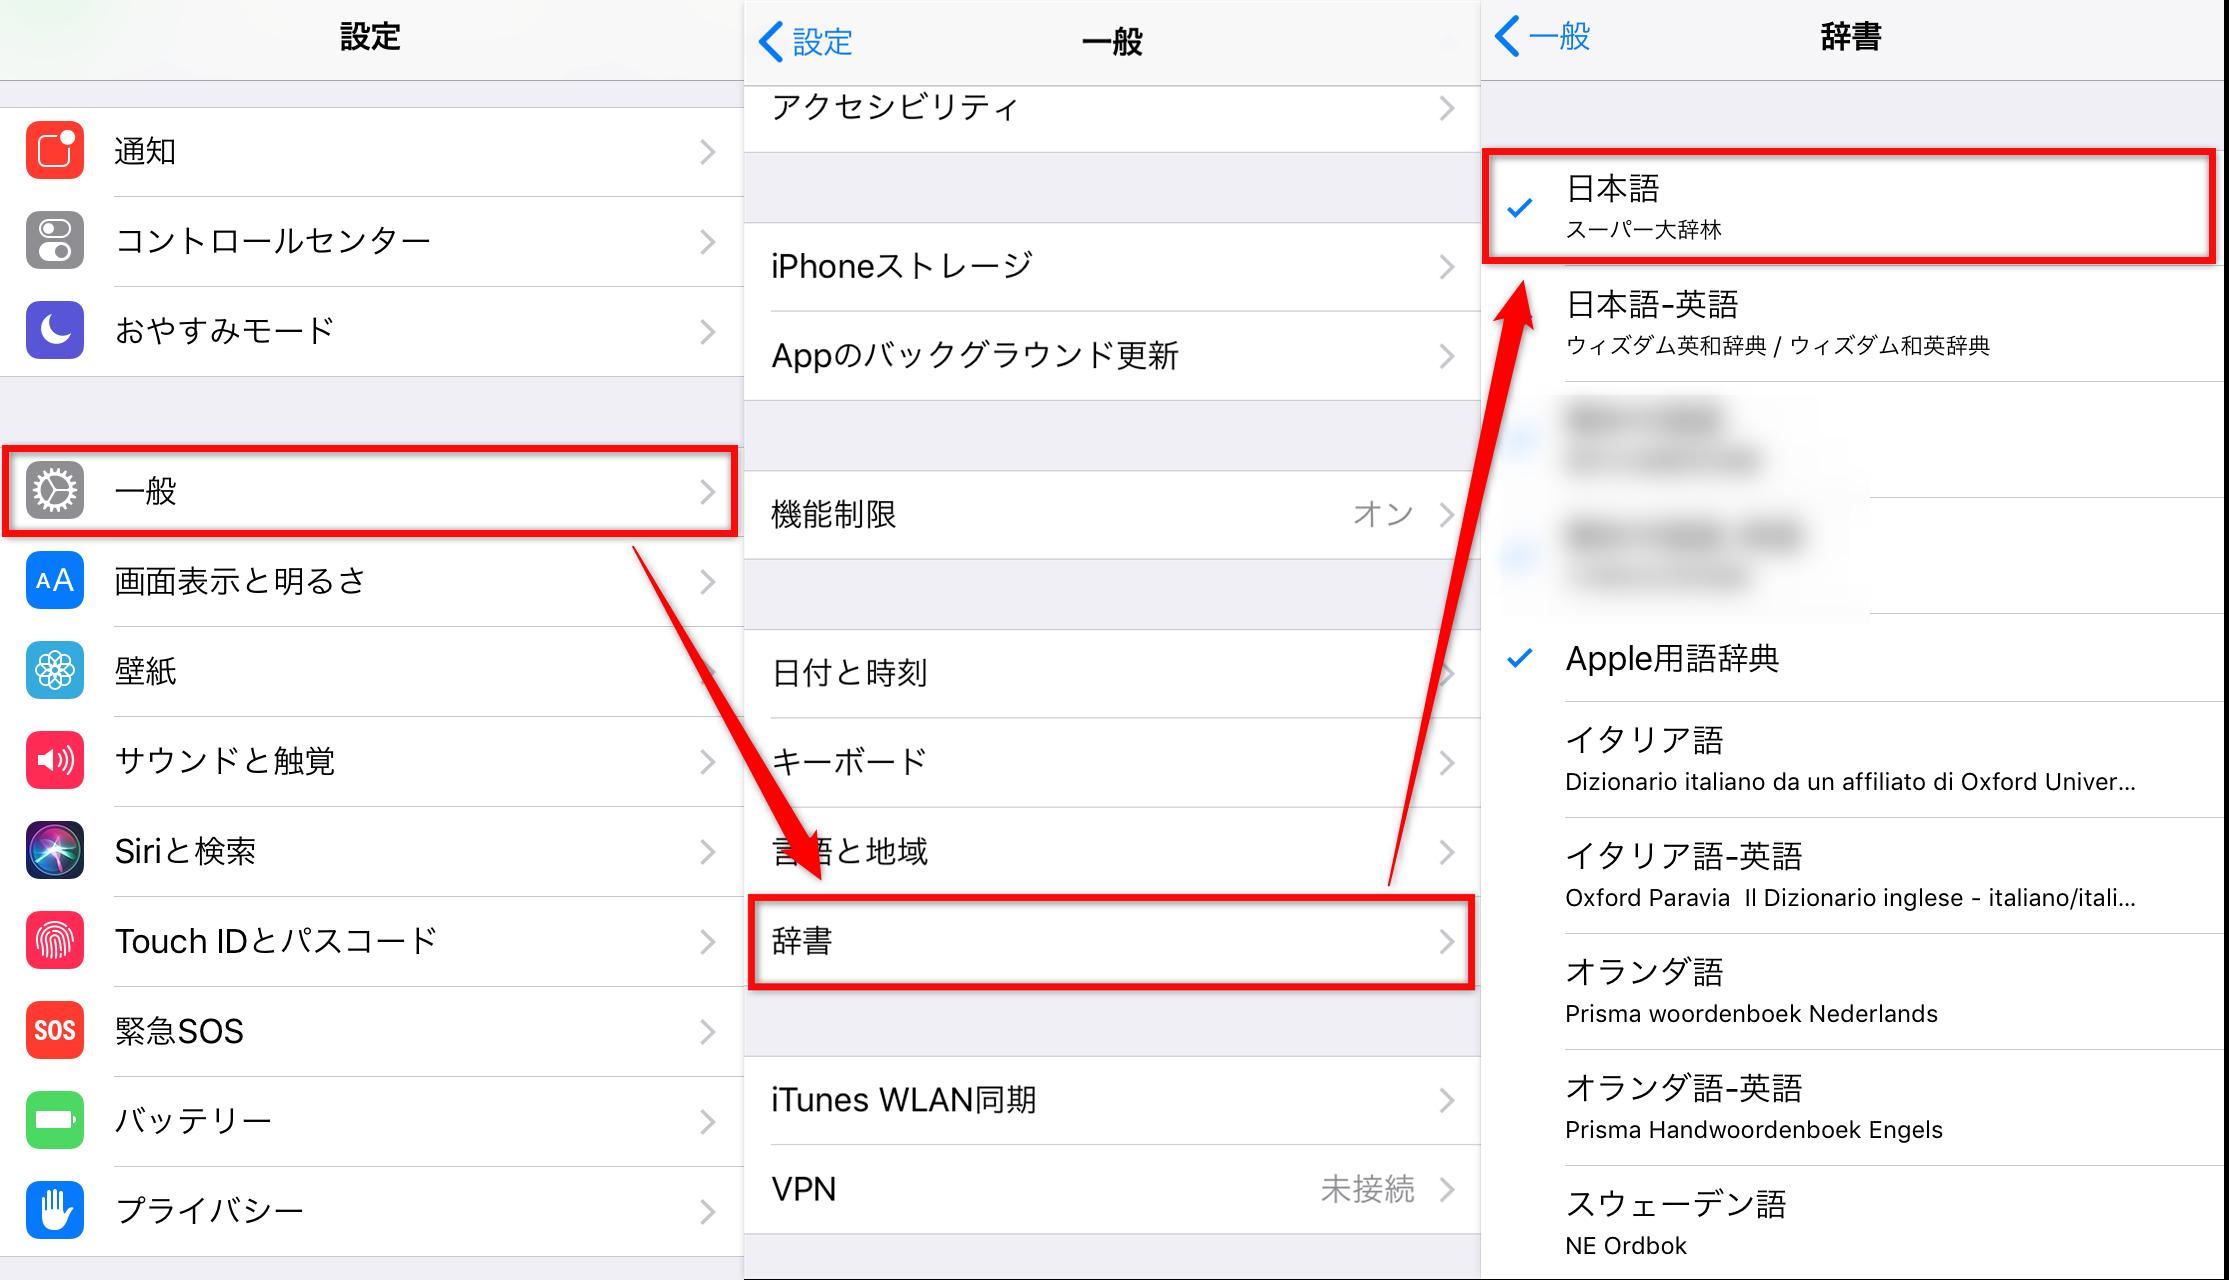 iOS 12バージョンアップによるバグ・不具合 - 辞書機能が使えない